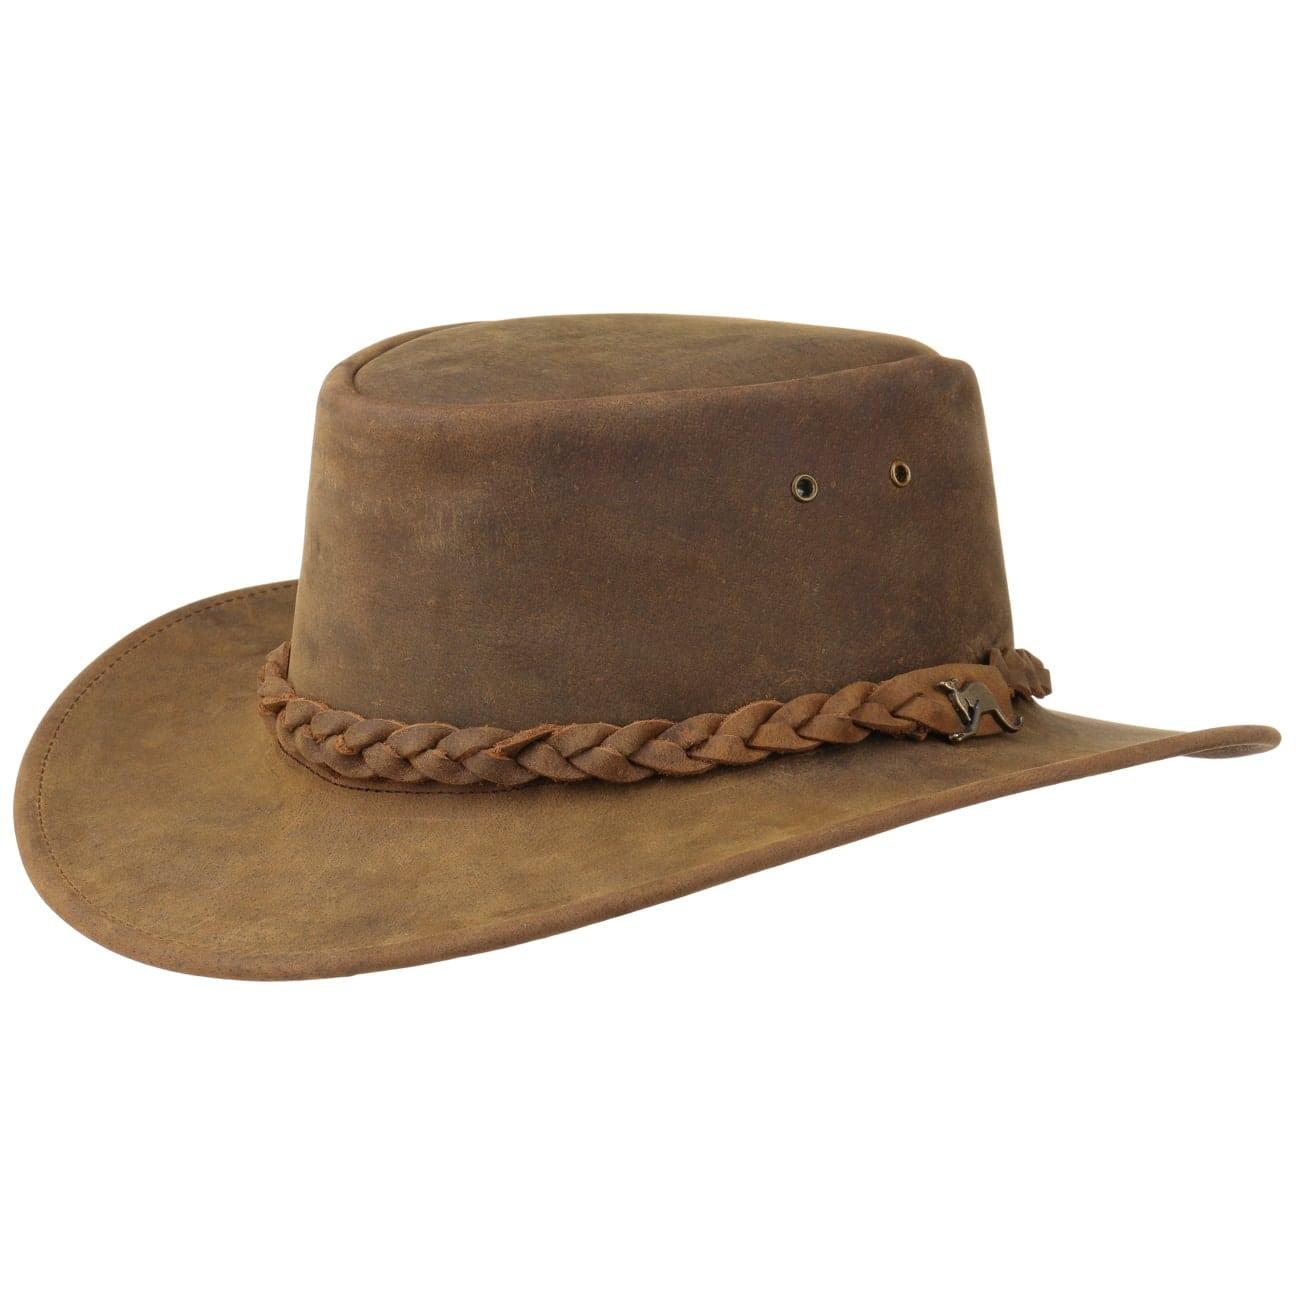 Sombrero Piel Nullarbor by Kakadu Traders  sombrero outback